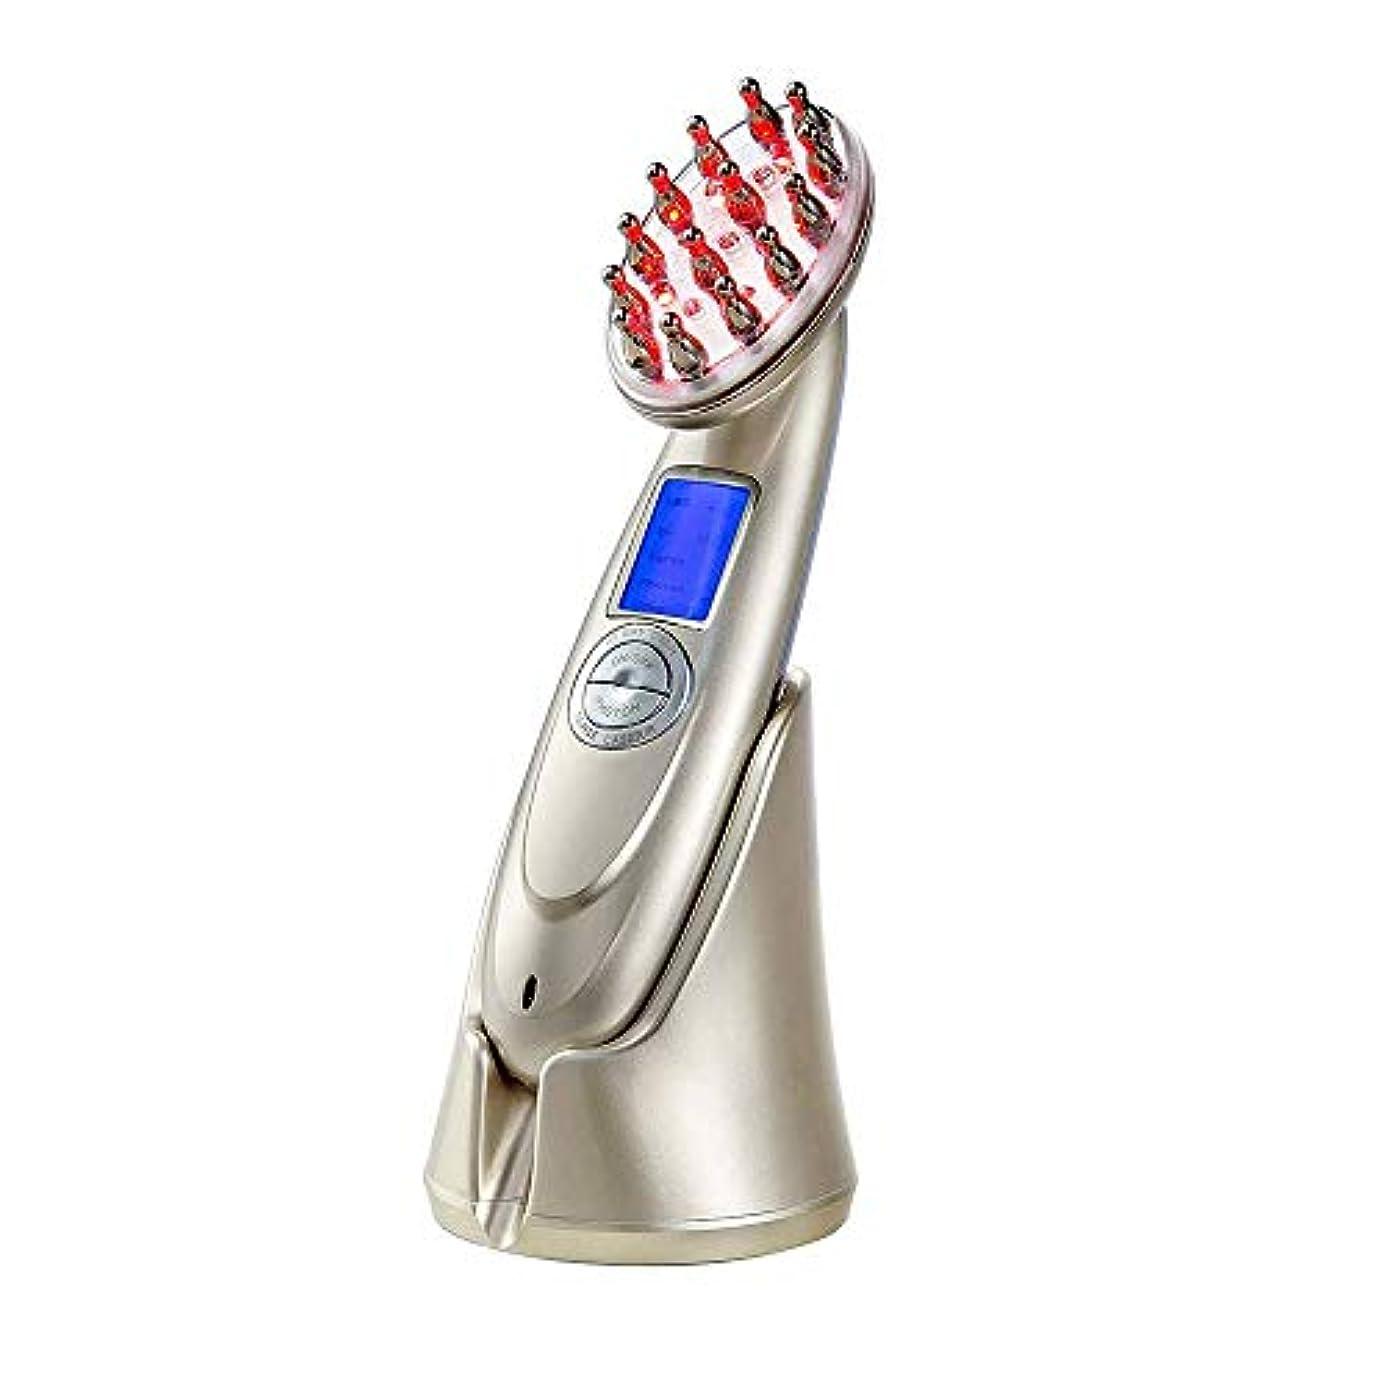 大破放散する寸法髪の成長櫛電気抗毛損失治療マッサージヘア再生ブラシ無線周波数職業 EMS Led フォトンライトセラピー櫛